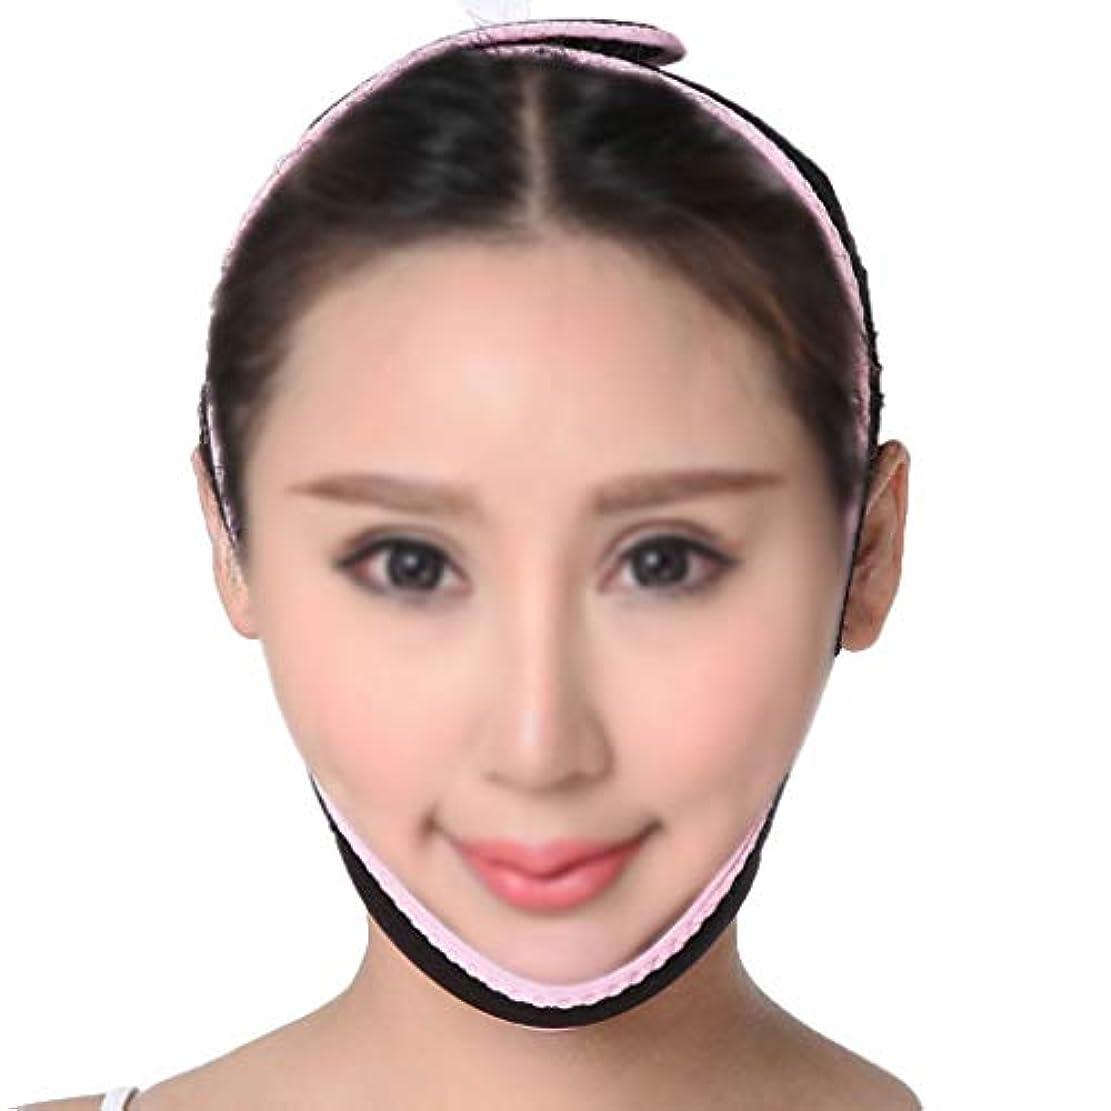 非互換隣接ロデオGLJJQMY 引き締めマスク薄い顔面マスクフェイスリフティング器具V顔薄い顔面包帯薄い顔マッサージ器薄い顔面マスクフェイスリフティング装置 顔用整形マスク